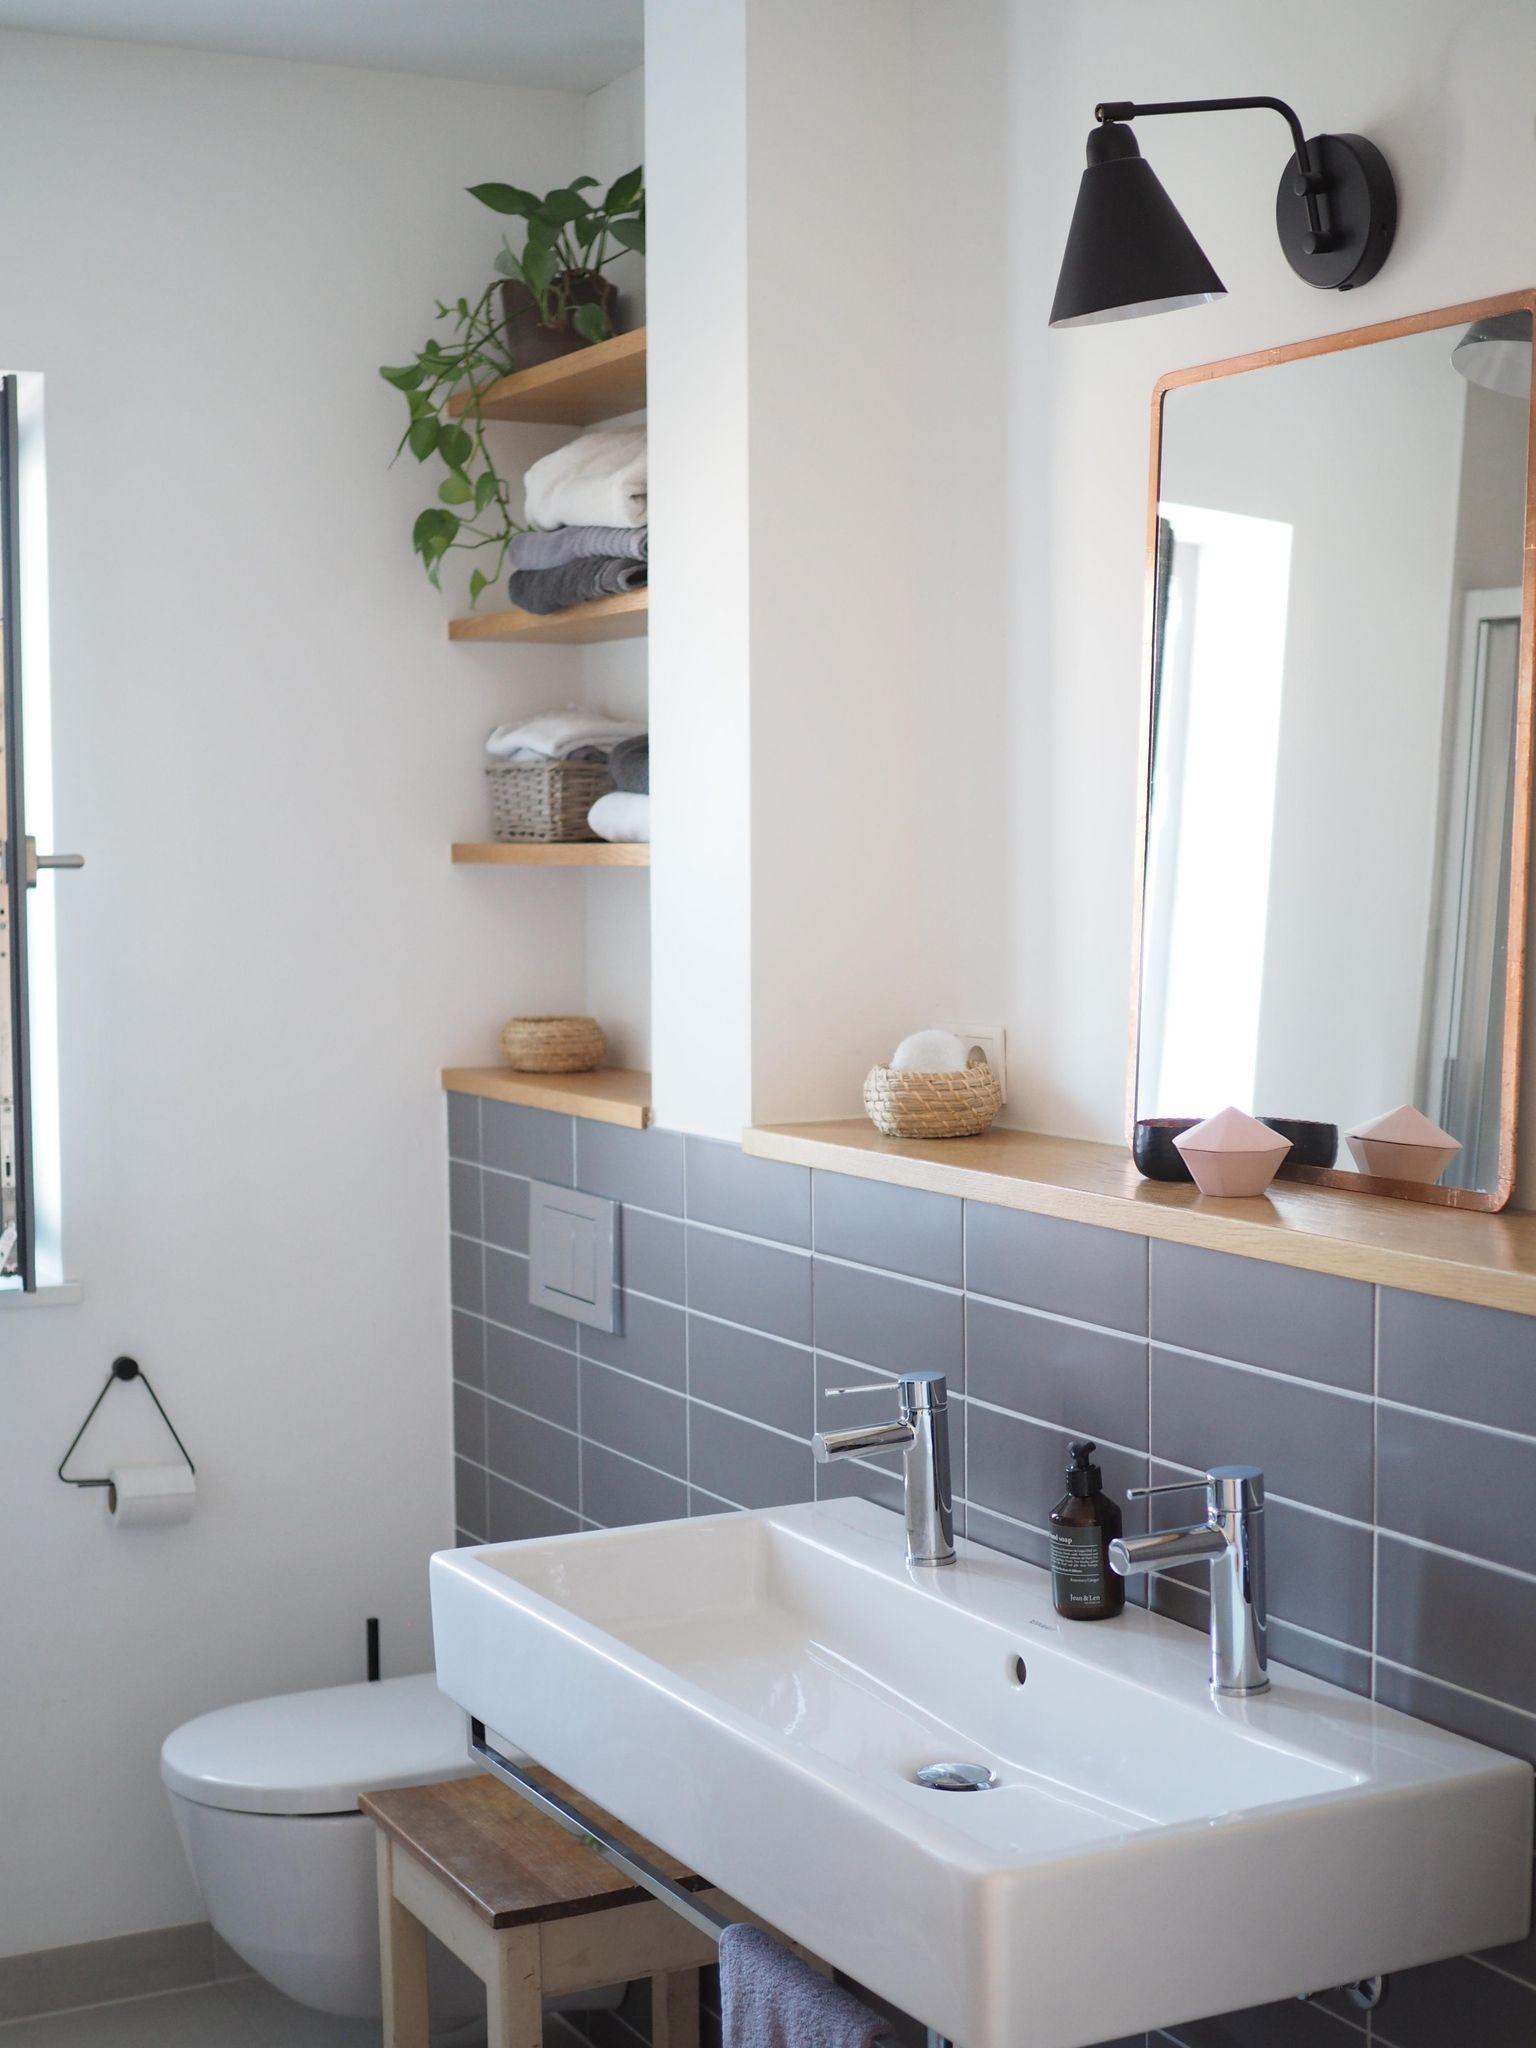 Wenig Fliesen, dazu ein bisschen Holz, Schwarz und v... #rusticbathroomdesigns